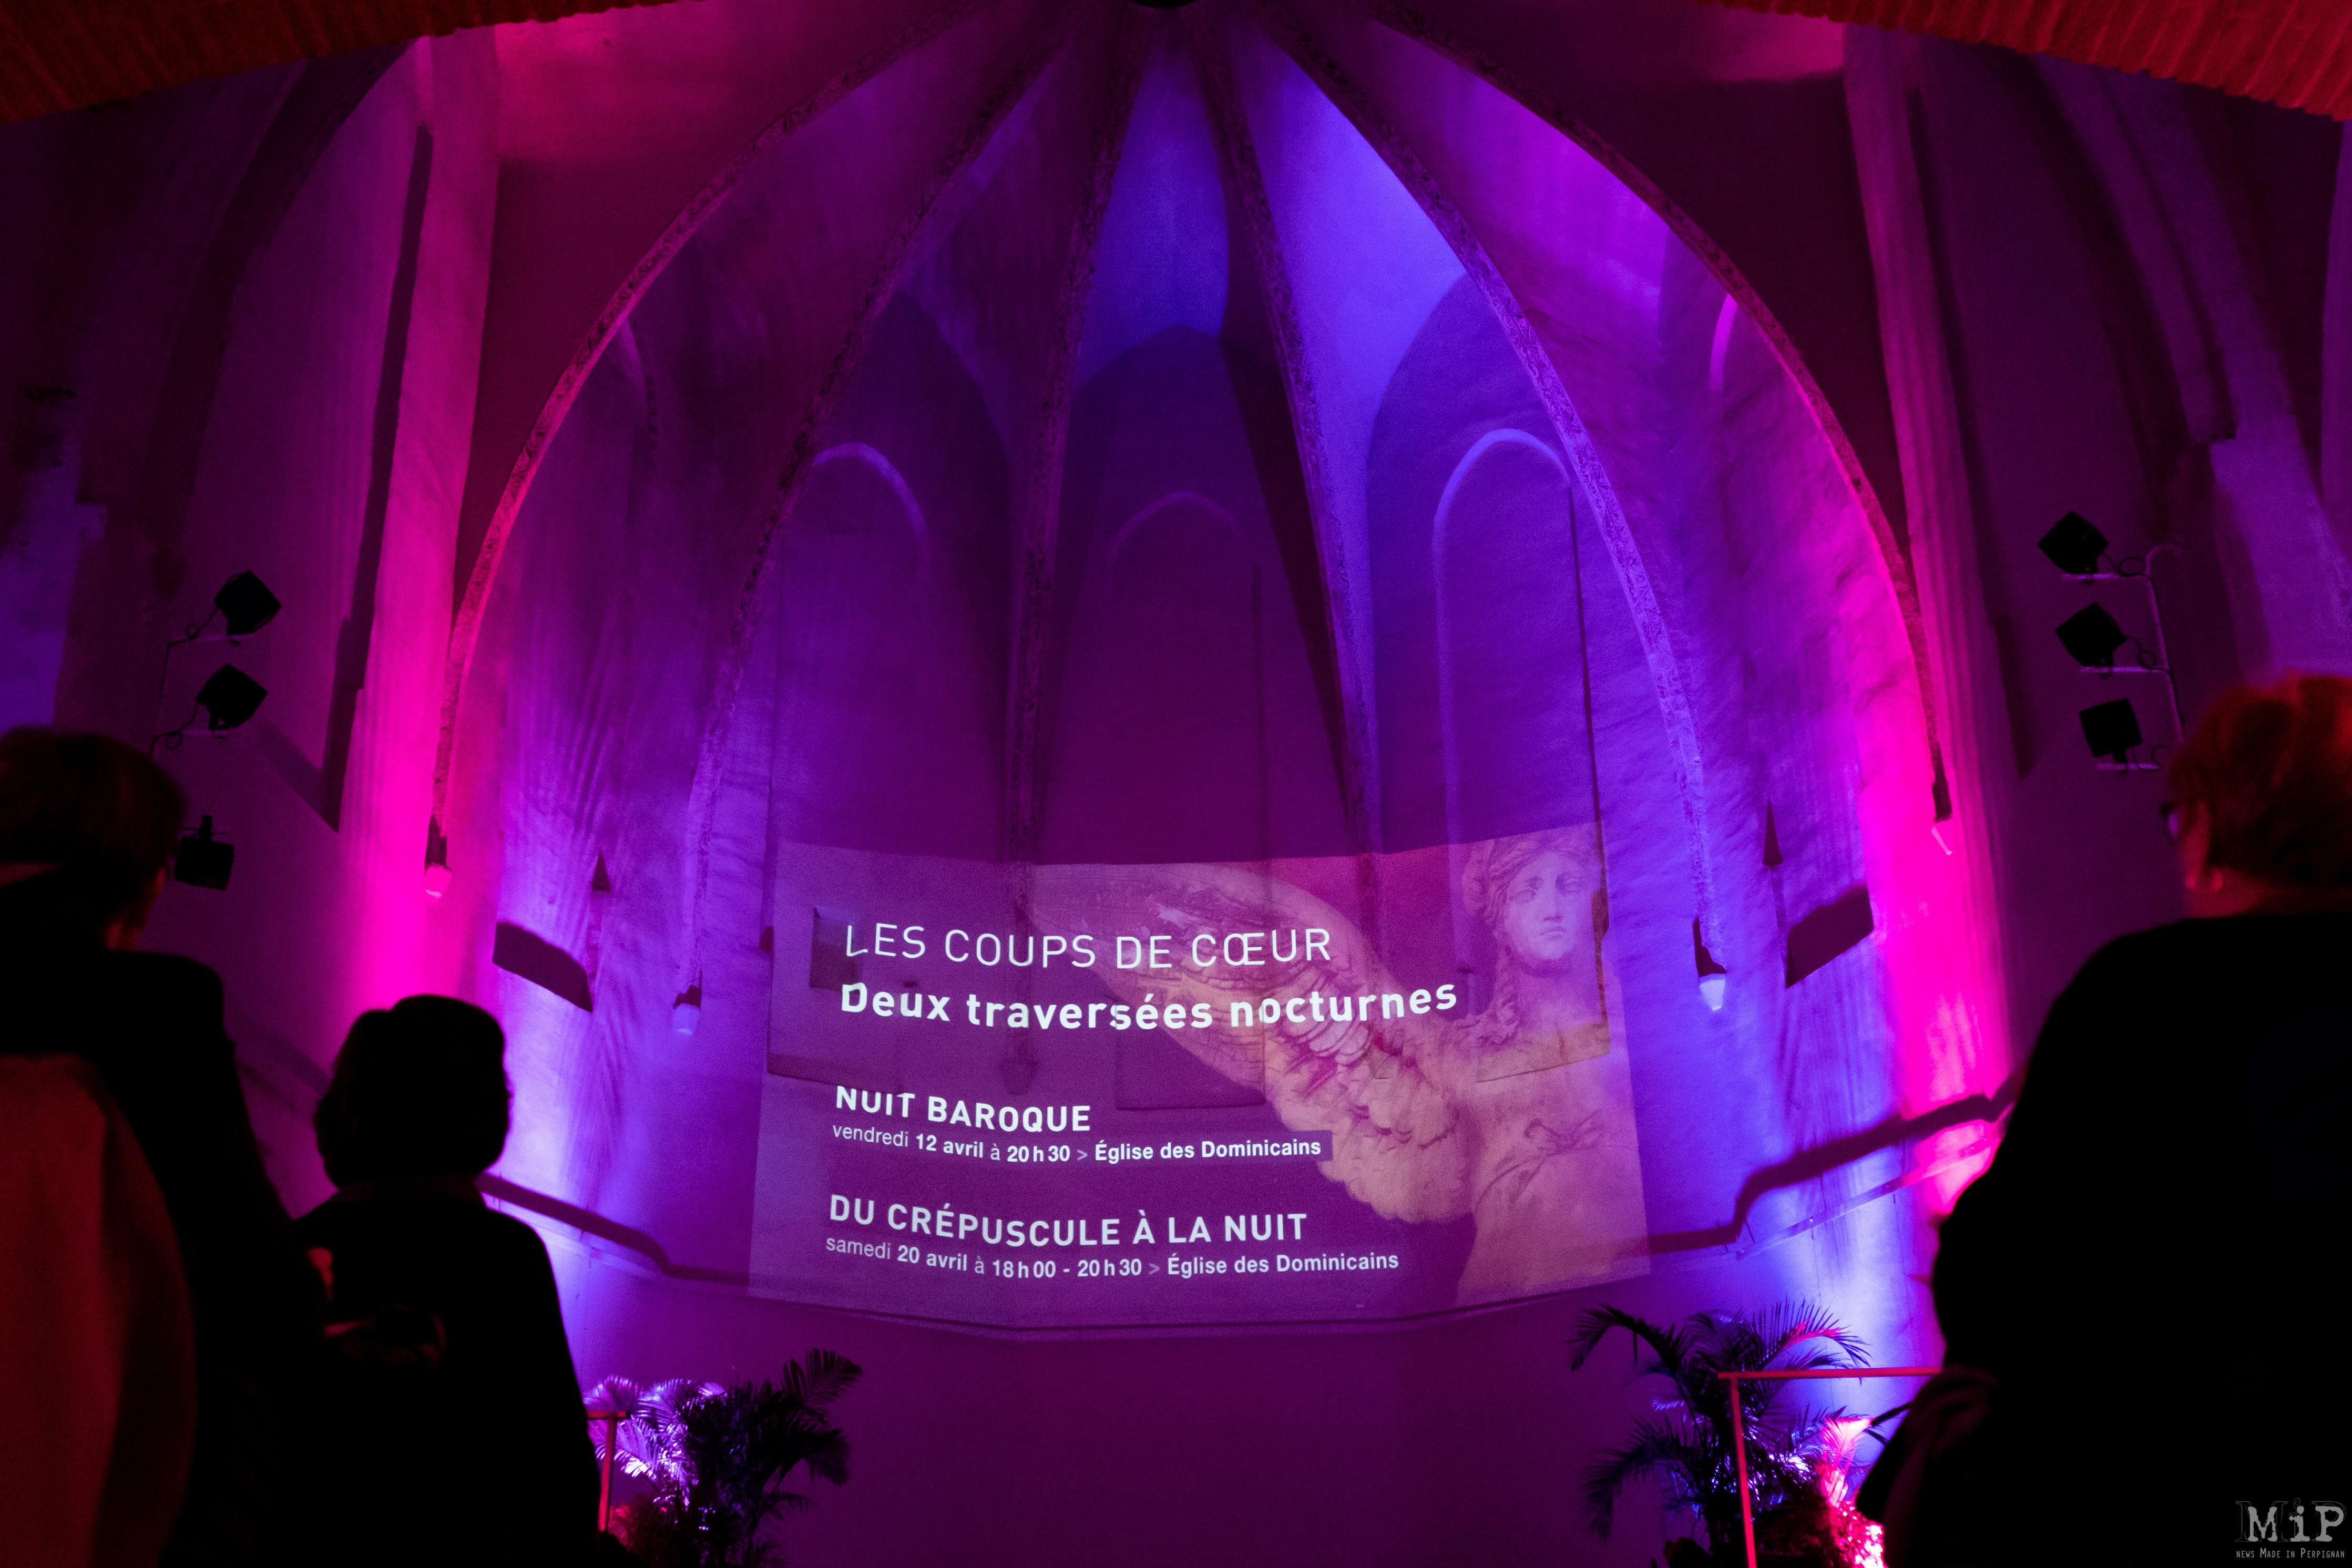 Musique sacrée présentation Couvent Minimes Perpignan mars 2019